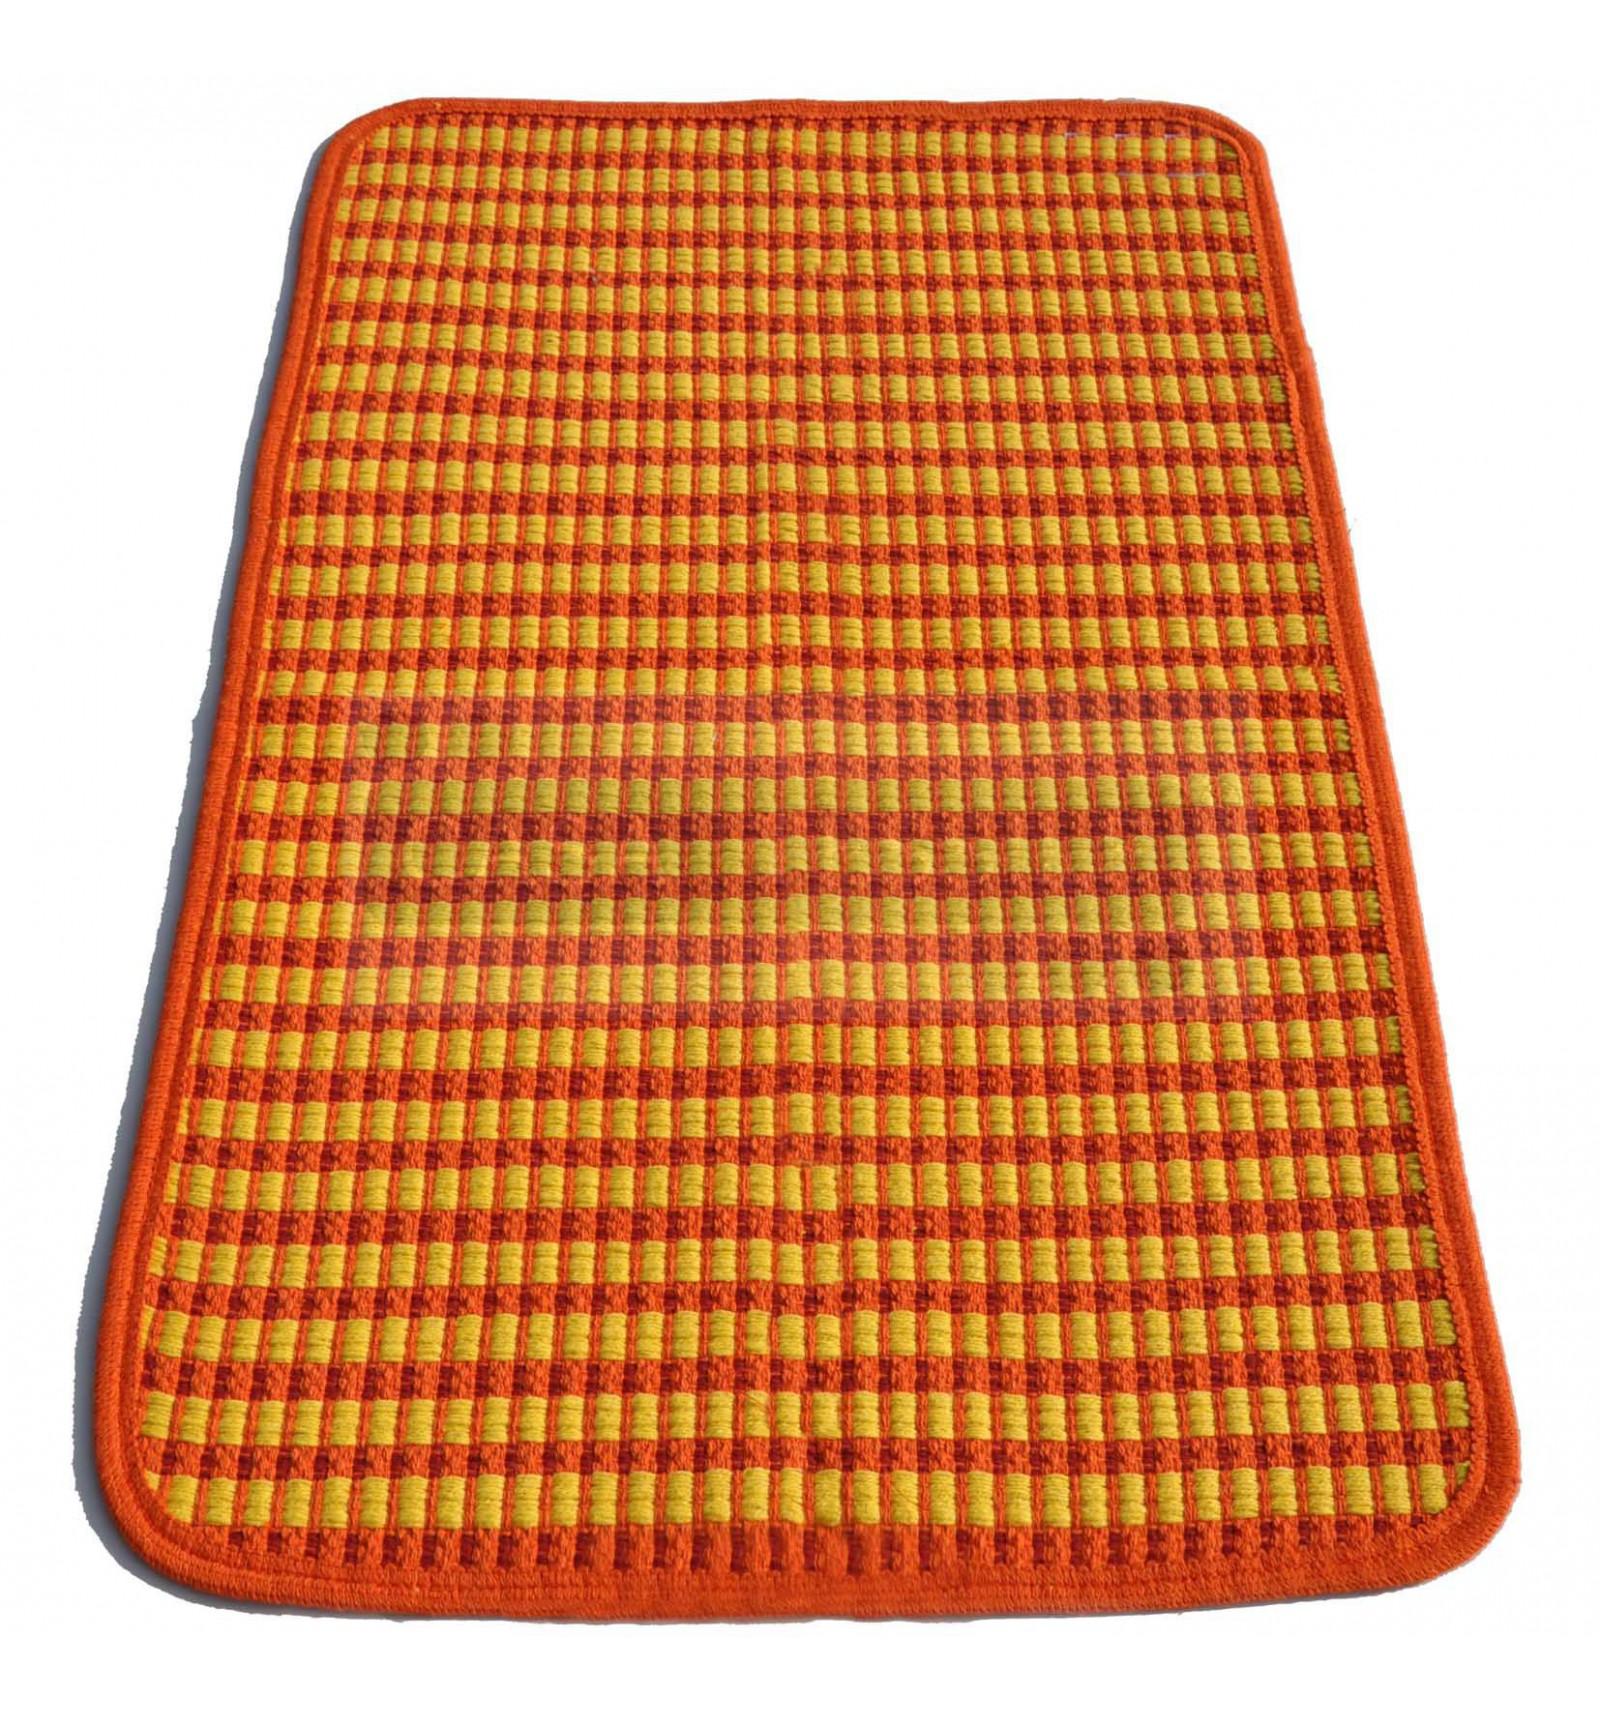 Wanny tappeto su misura h 48 cm casa tessile - Tappeto su misura ...